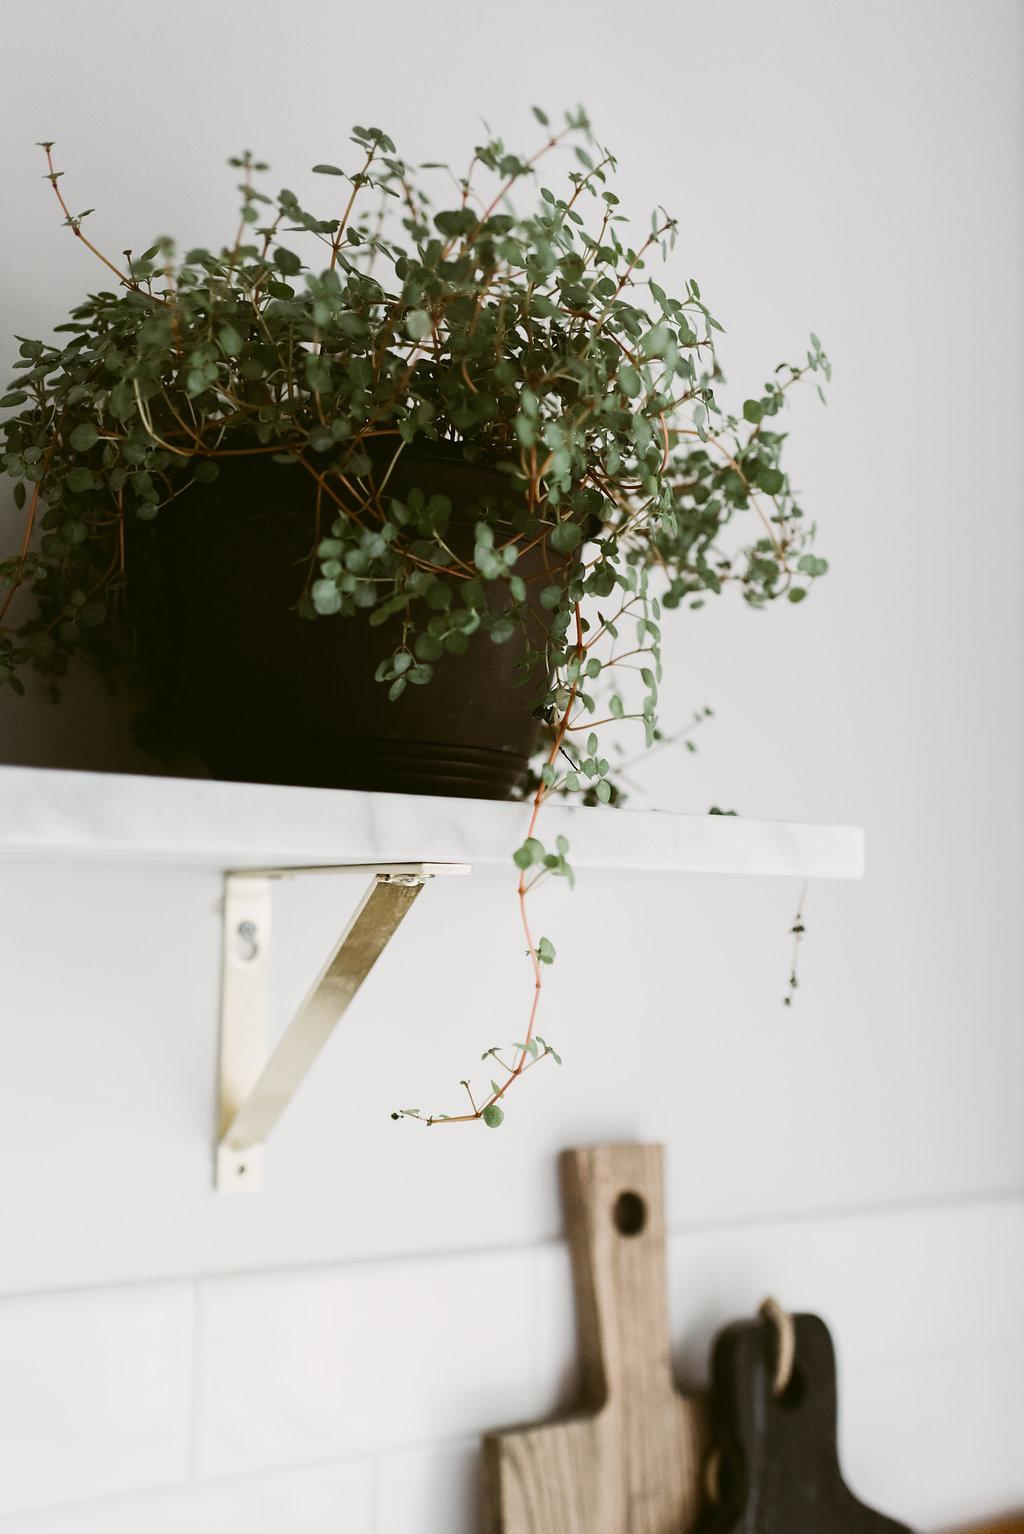 deboe-studio-interiors-plants-in-kitchen